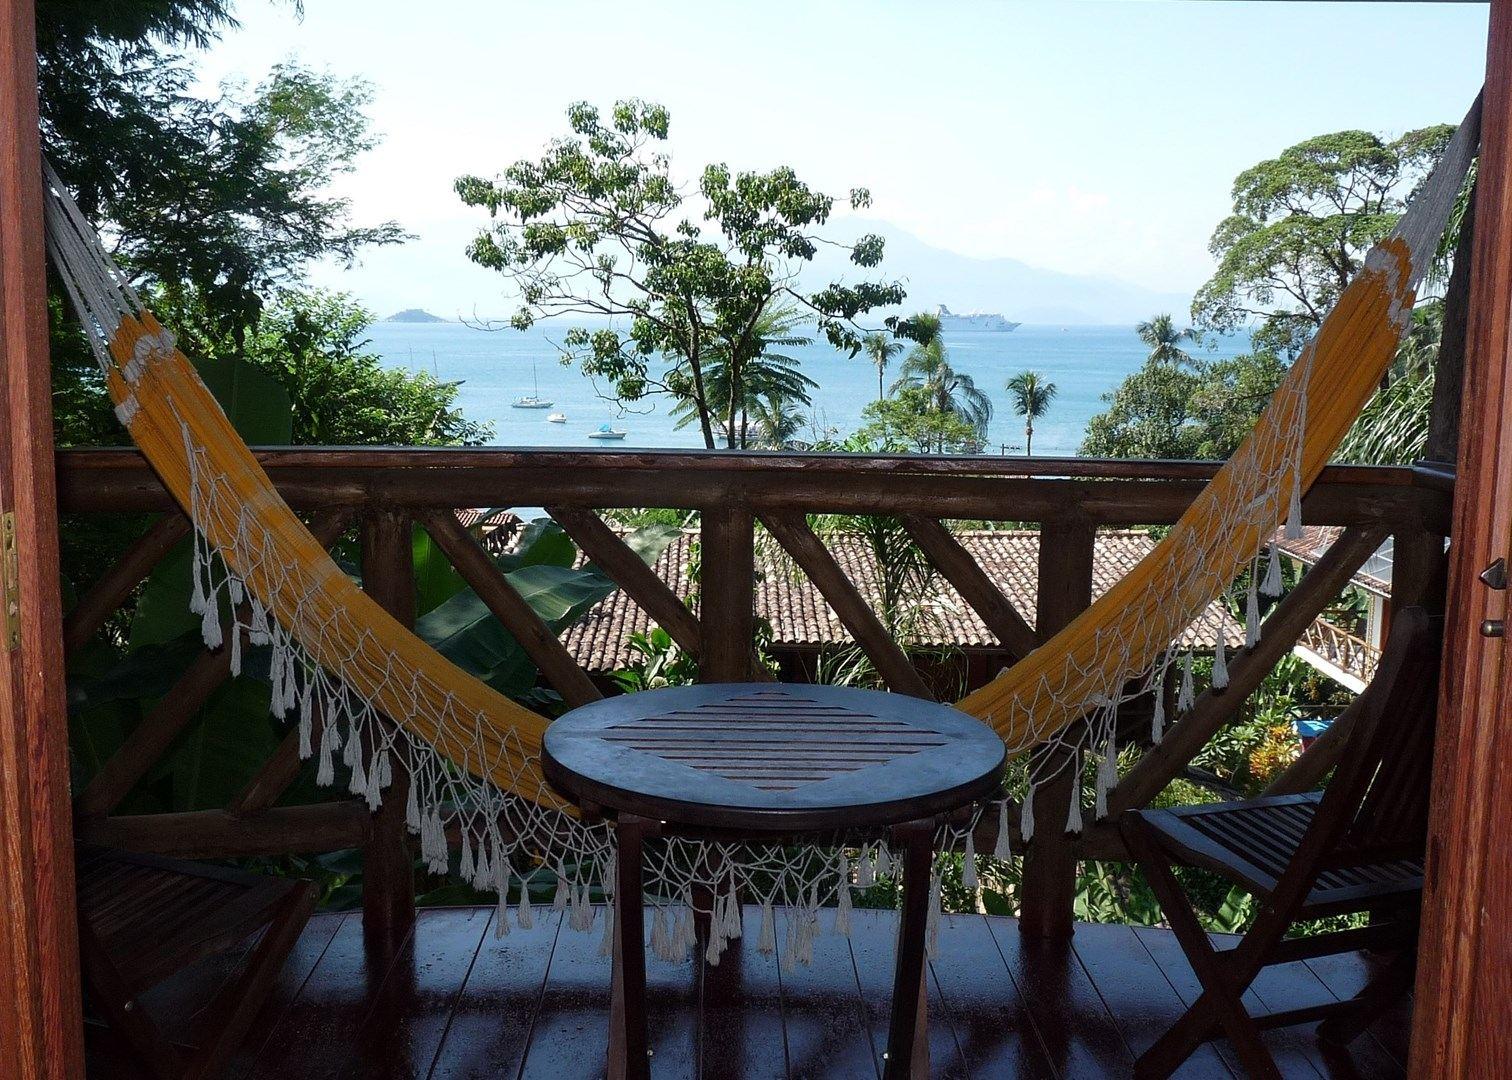 Hangmat Op Balkon : Reisen